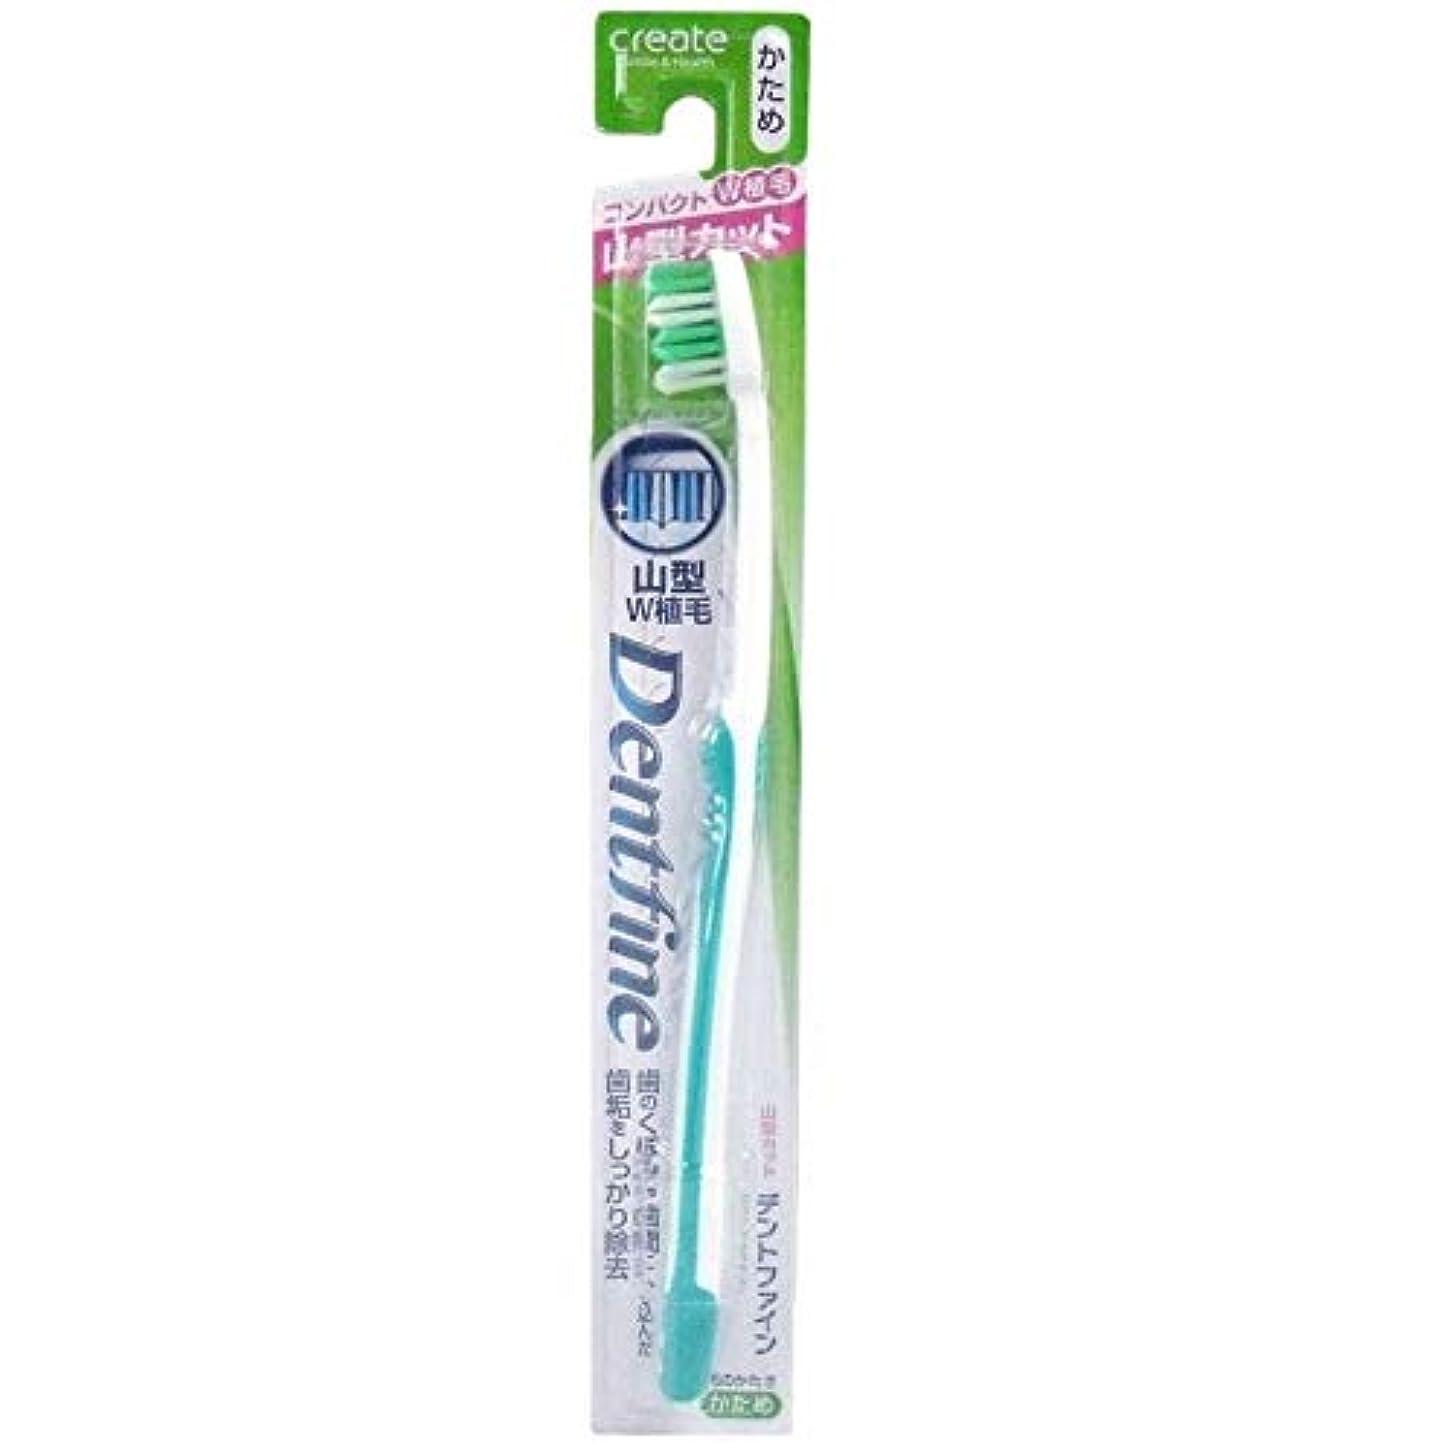 自伝影響力のあるネットデントファイン ラバーグリップ 山切りカット 歯ブラシ かため 1本:グリーン